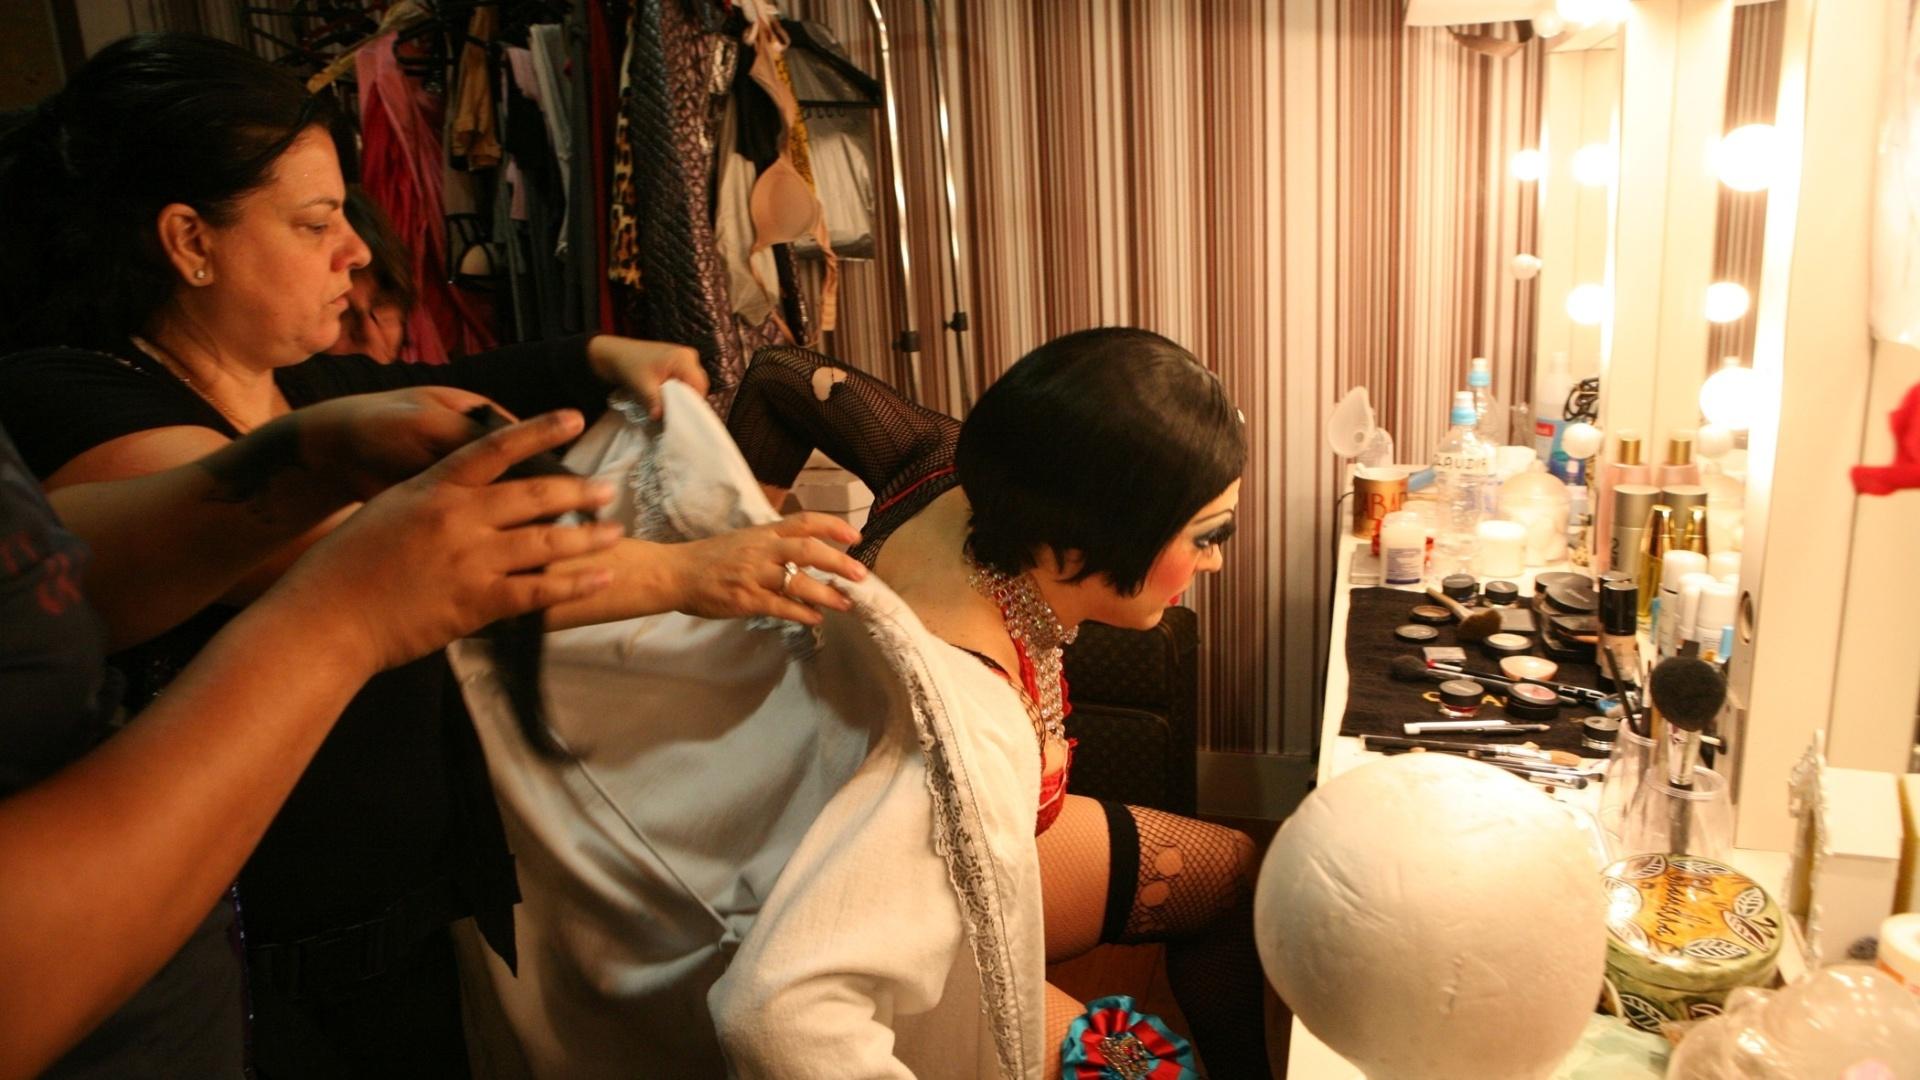 Cláudia Raia coloca figurino de sua personagem Sally Bowles pouco antes de entrar em cena na reestreia do musical